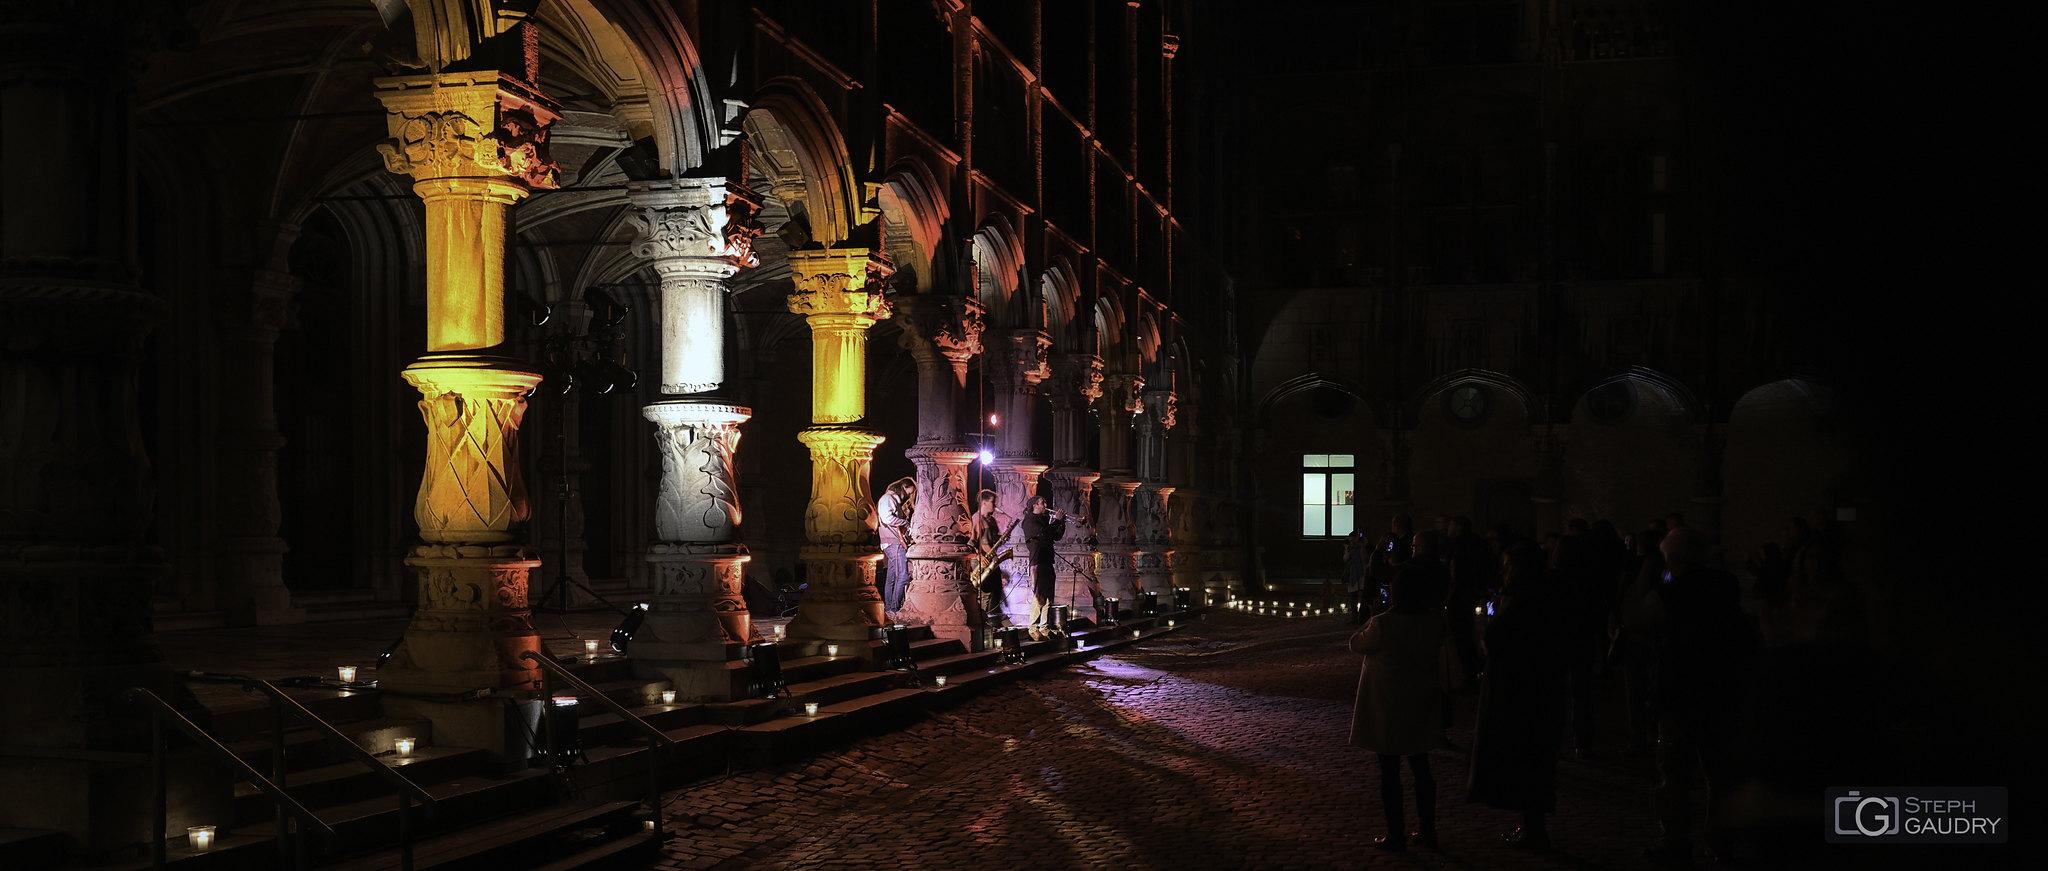 Illuminations au palais de justice - nocturne des coteaux 2019 [Click to start slideshow]